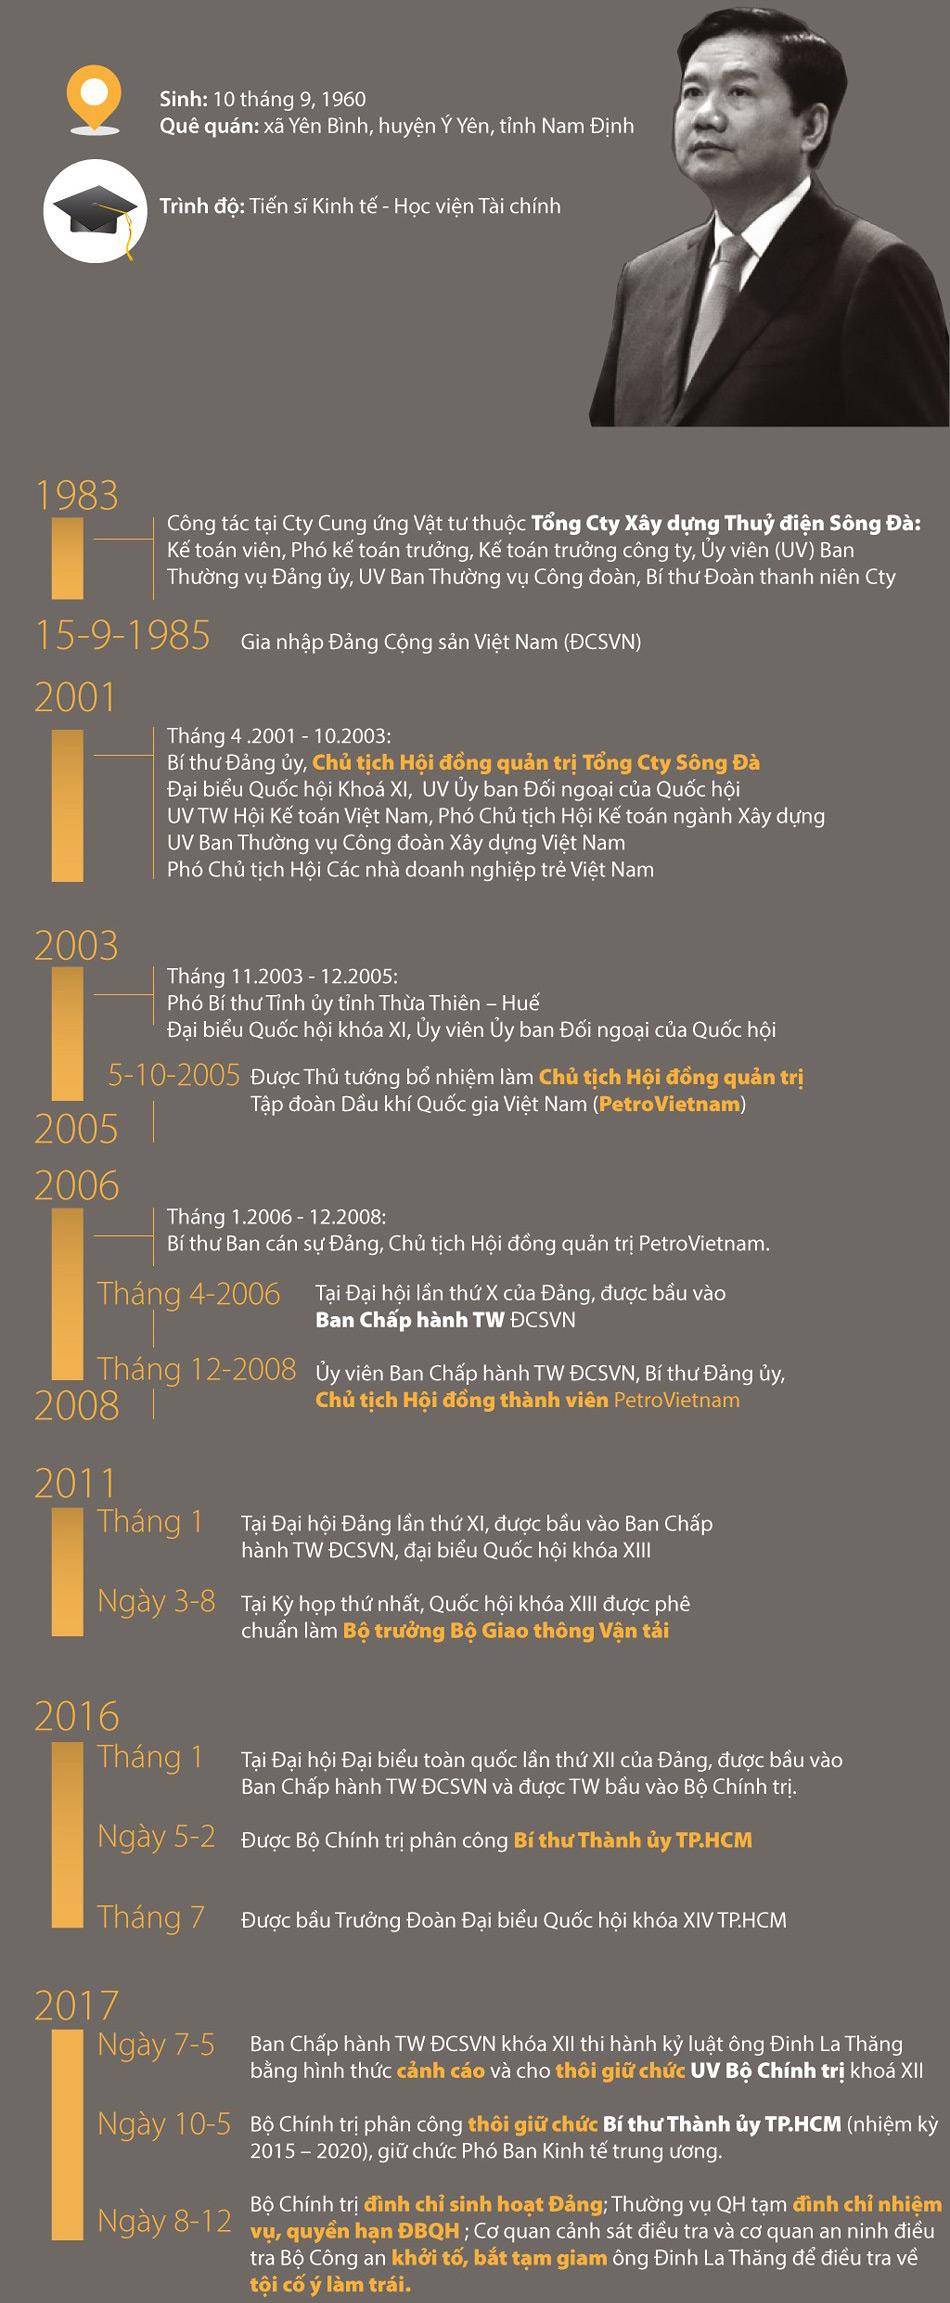 Infographic: Ông Đinh La Thăng, những dấu mốc thời gian - 1